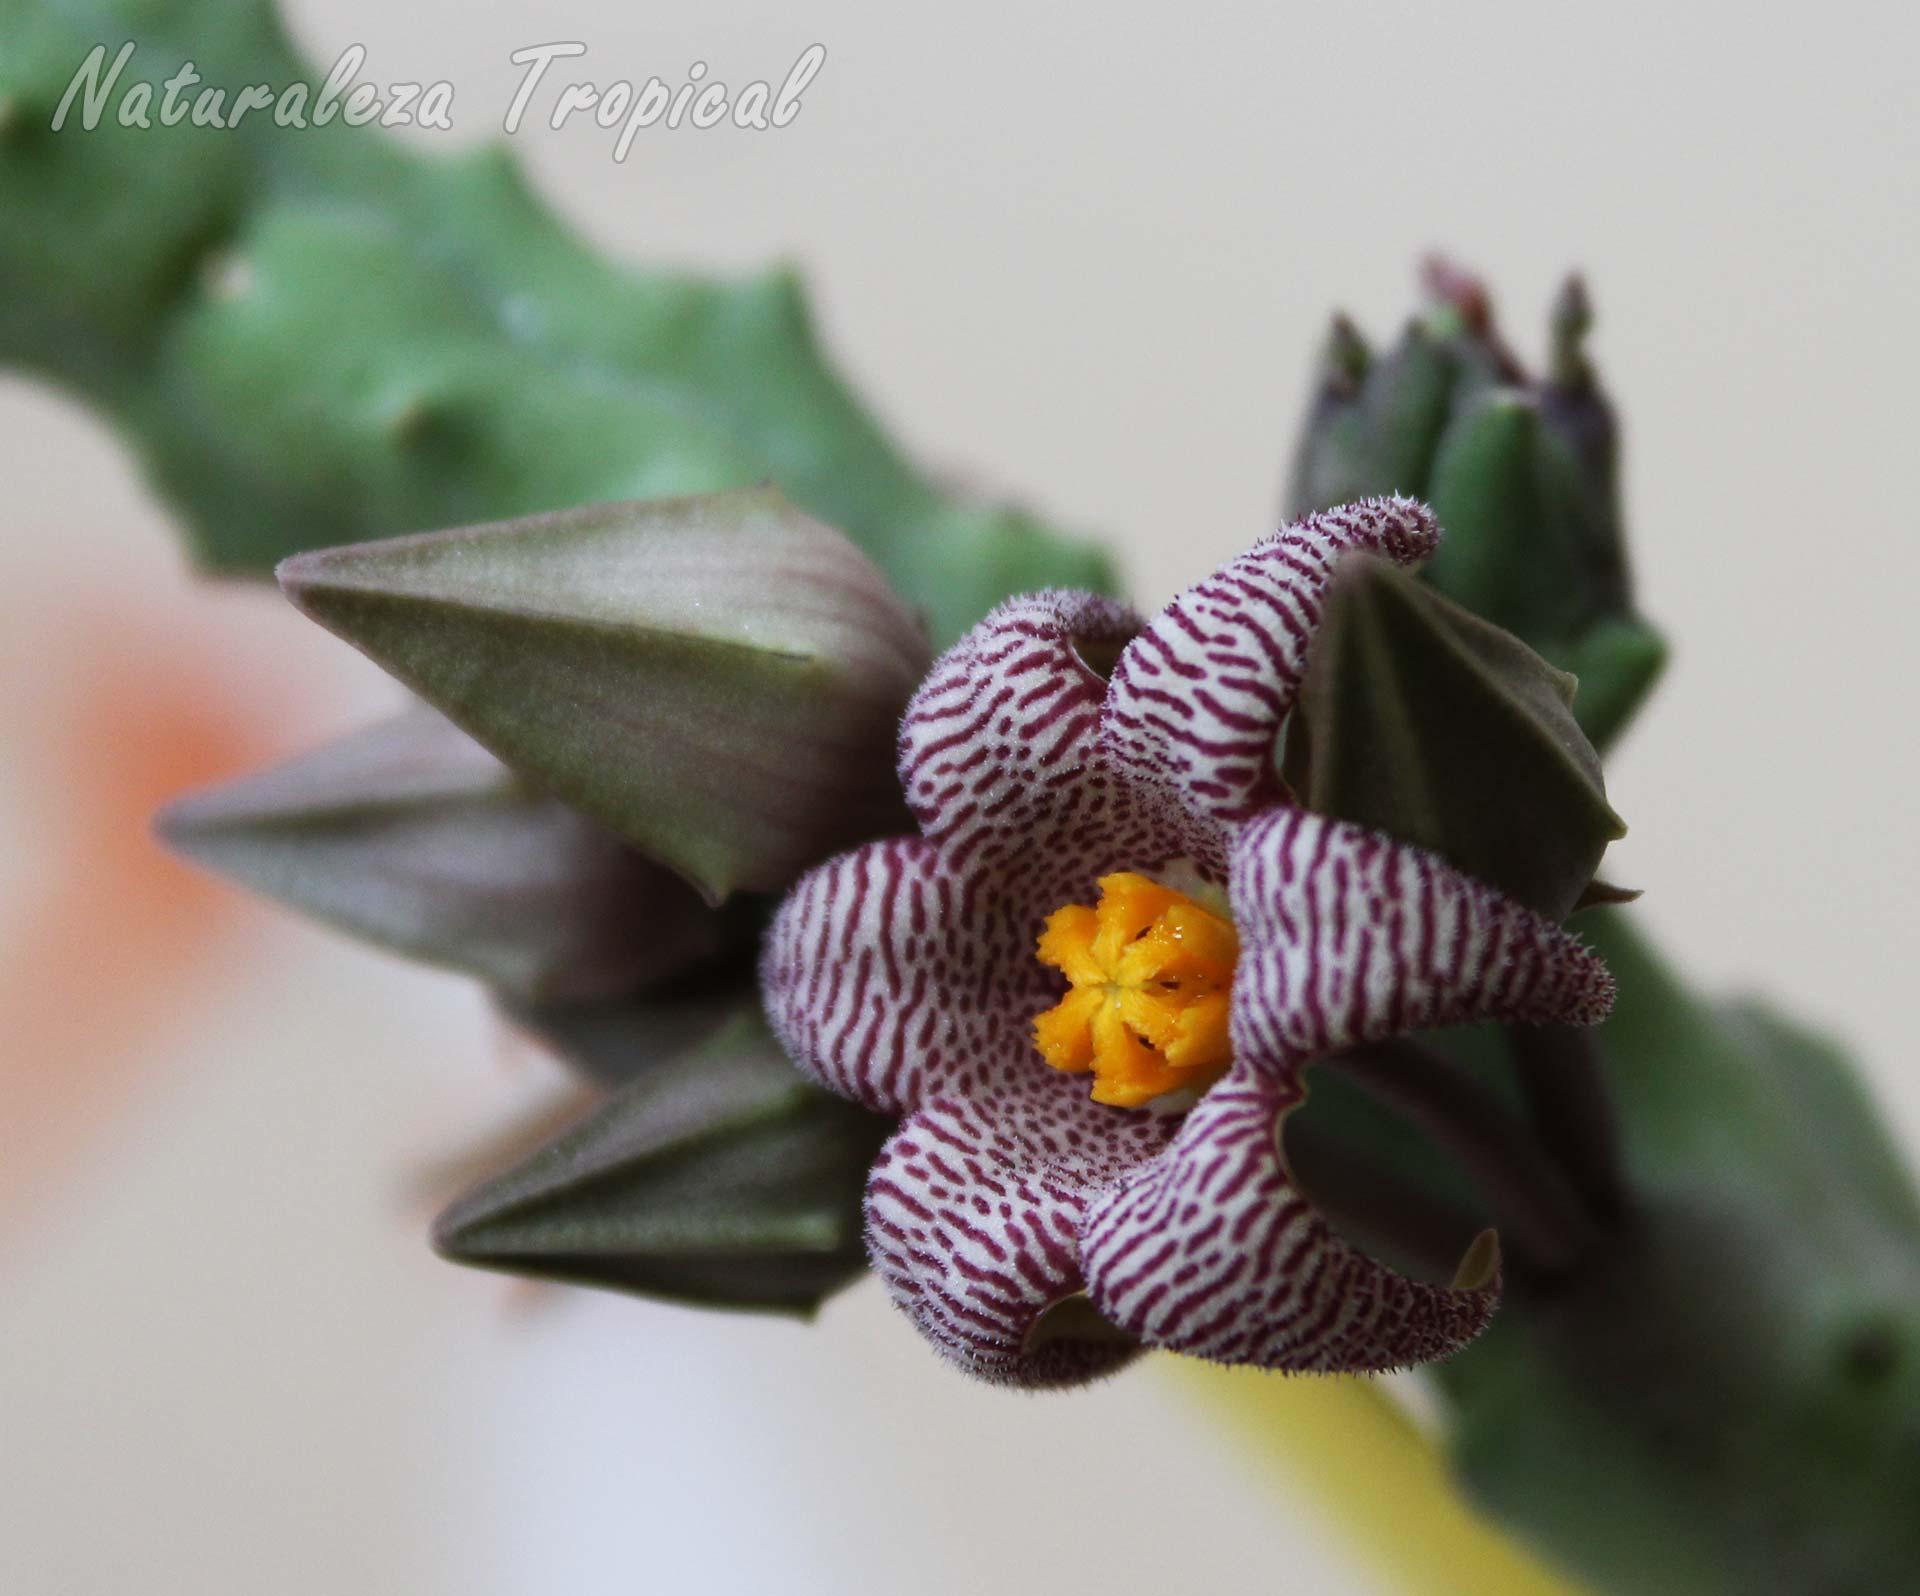 Ejemplar de Piaranthus punctatus con flor de 6 pétalos